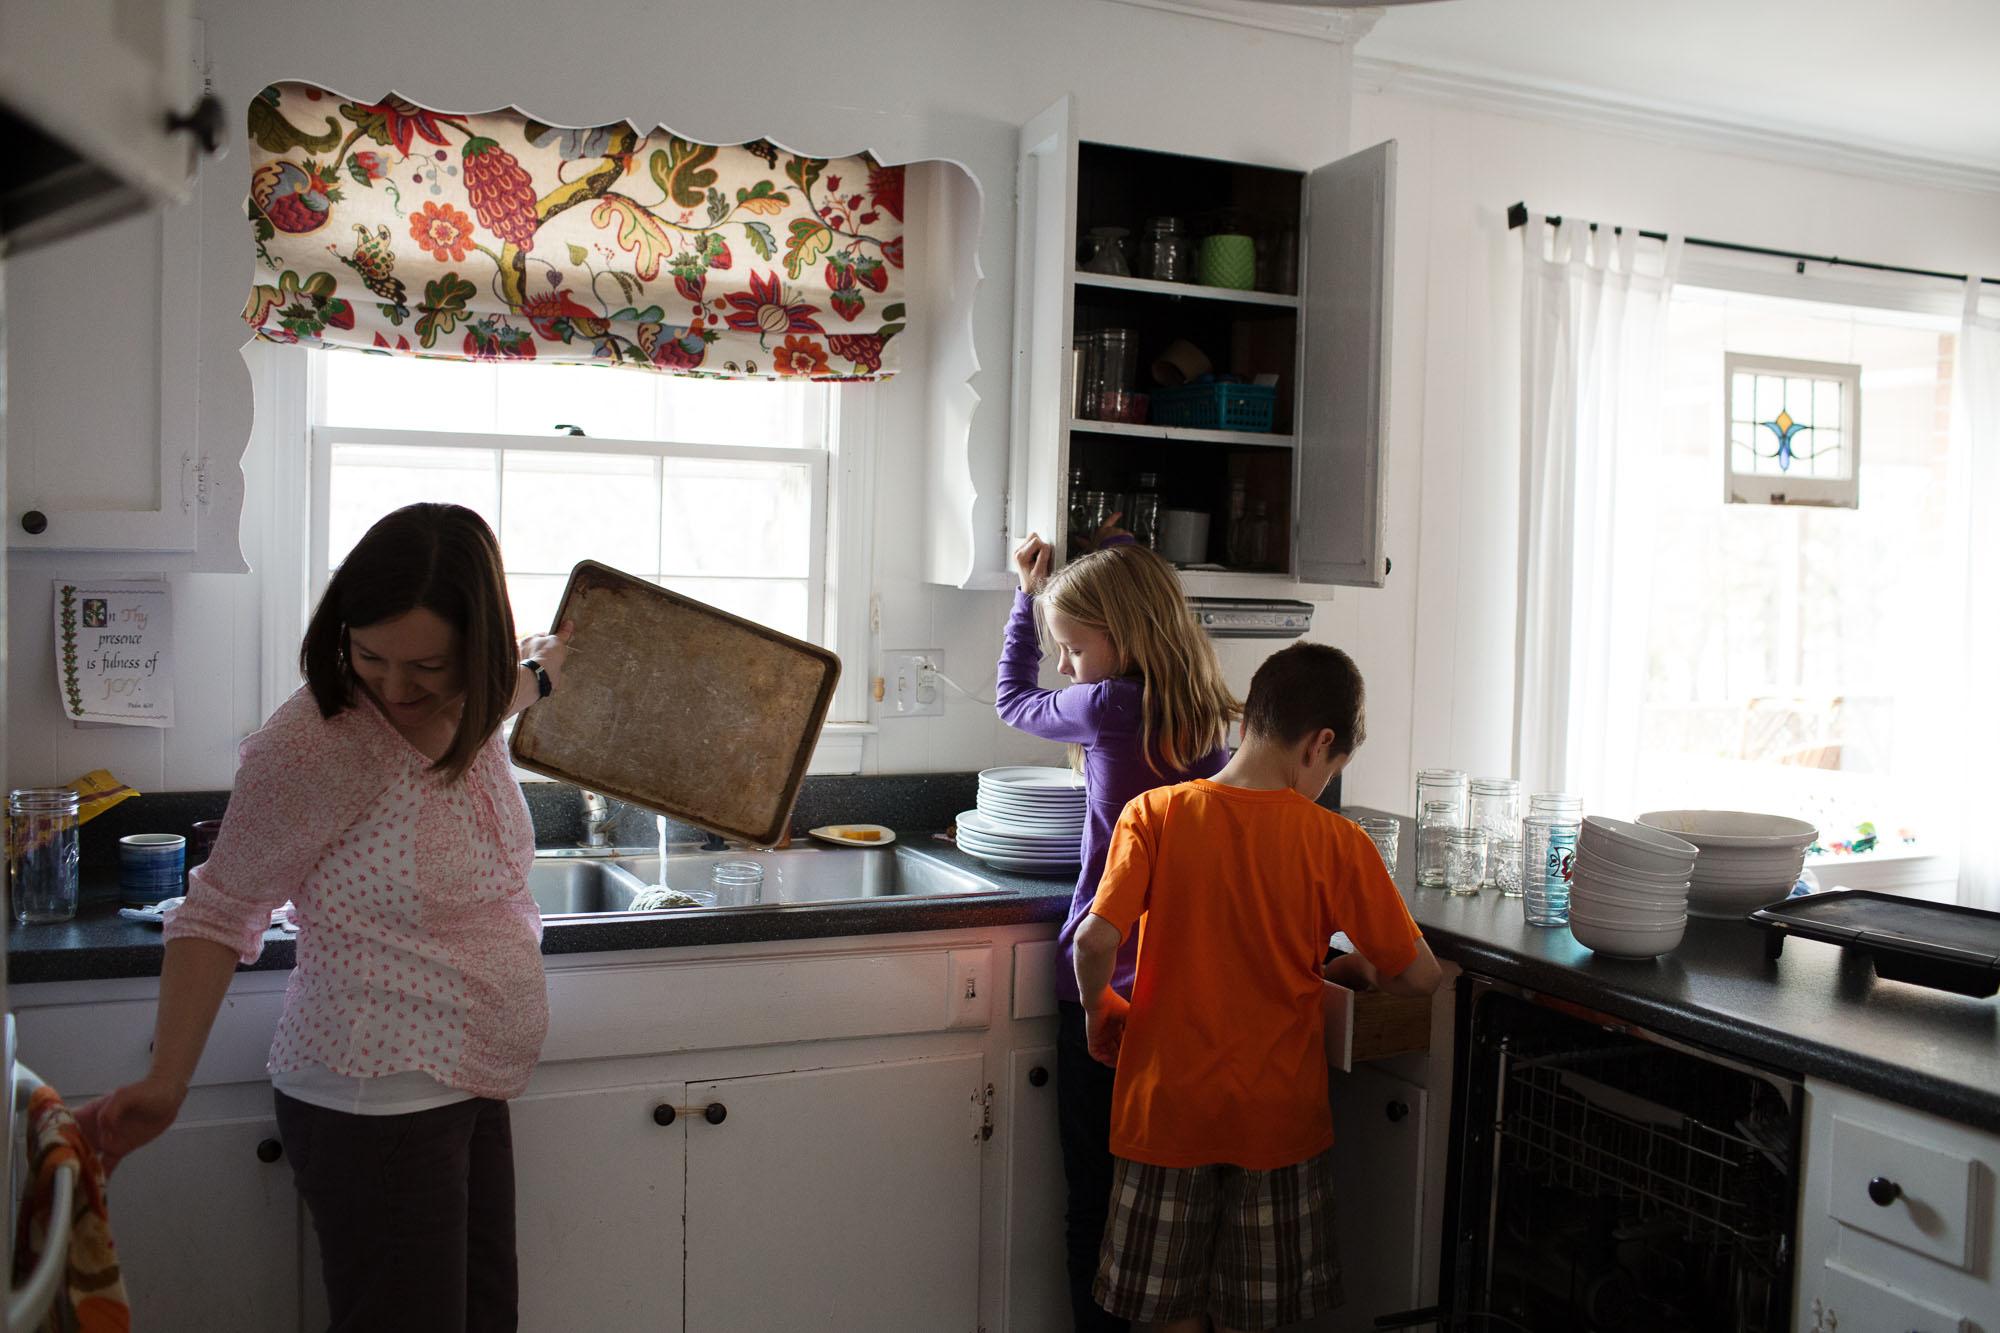 greenville-sc-family-photographer-24.jpg